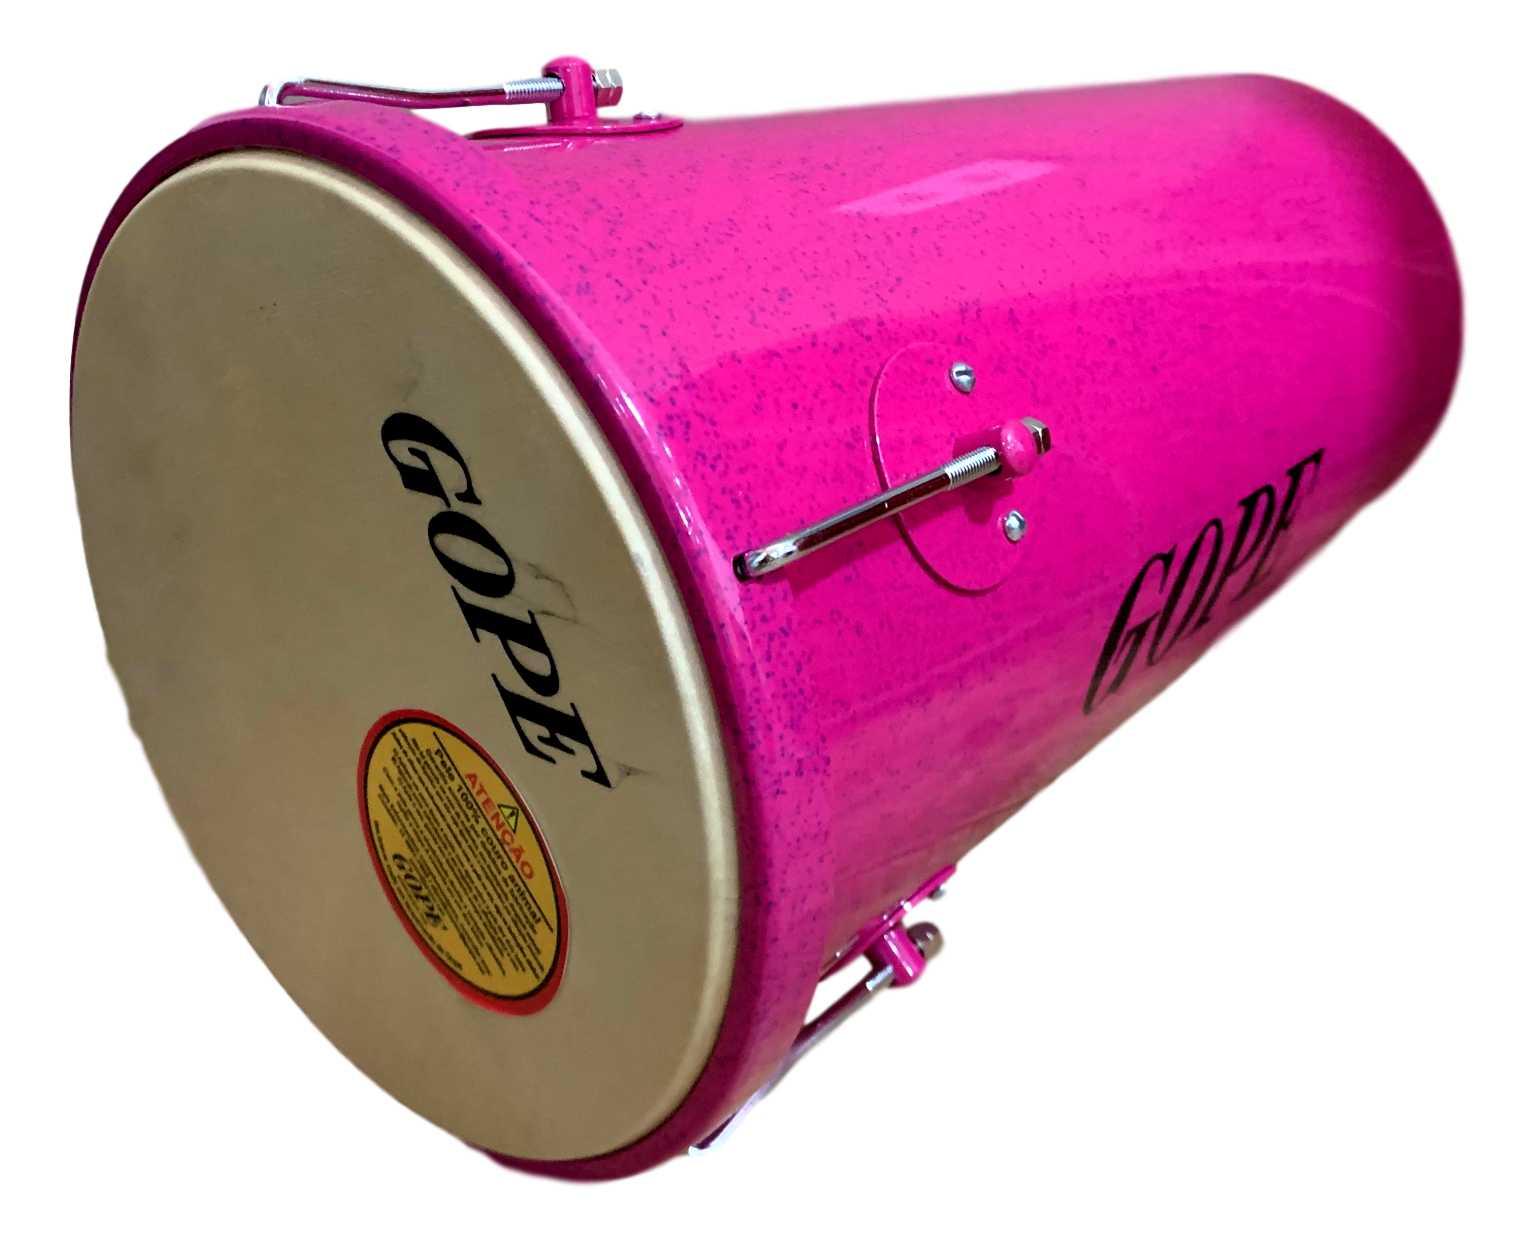 Rebolo Gope Conico 11 pol 55 cm Rosa